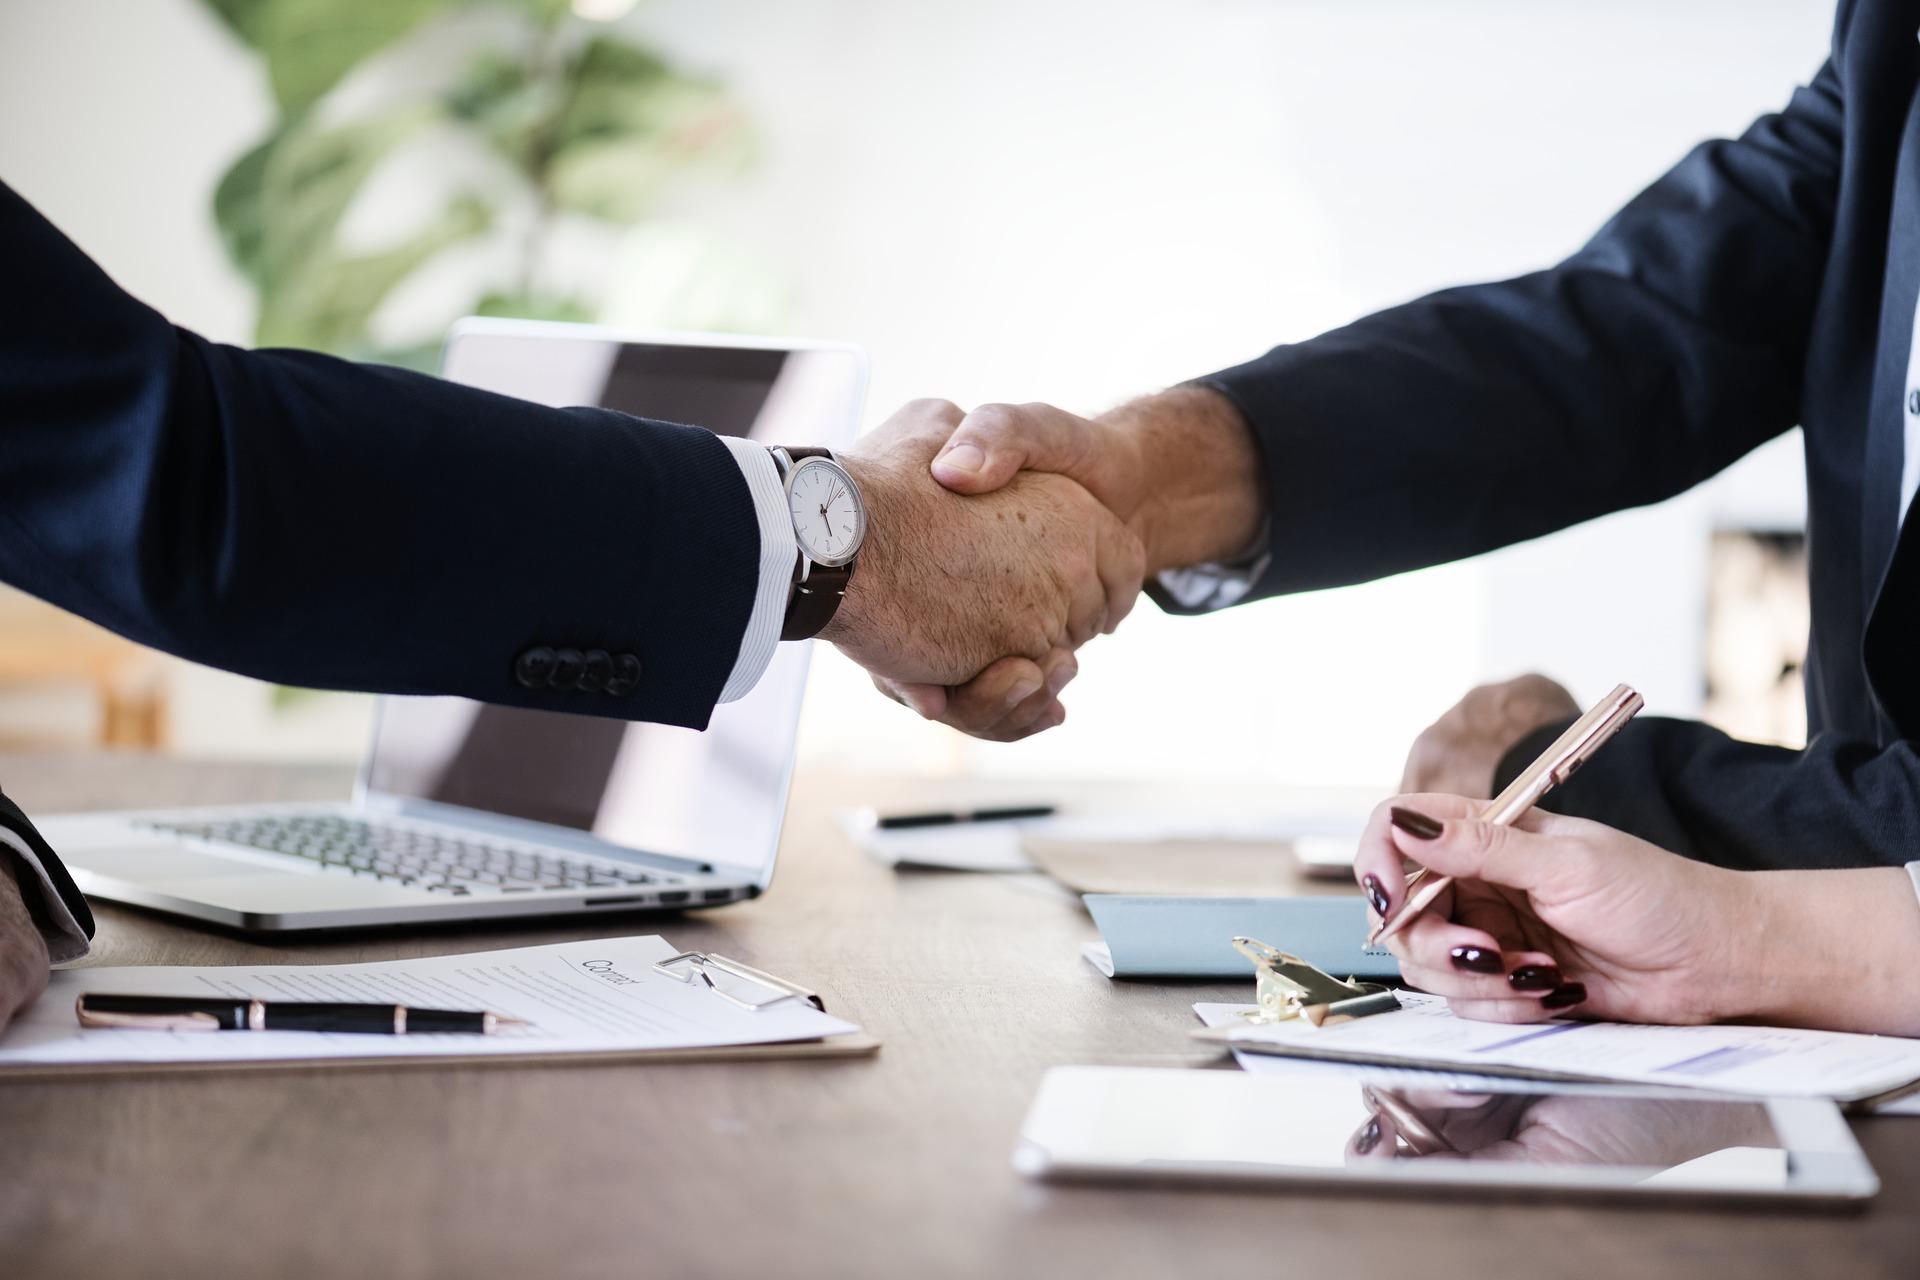 spotkanie biznesowe - Manipulatory przemysłowe PAS - podnośniki, suwnice, żurawie Manipulatory przemysłowe PAS - podnośniki, suwnice, żurawie